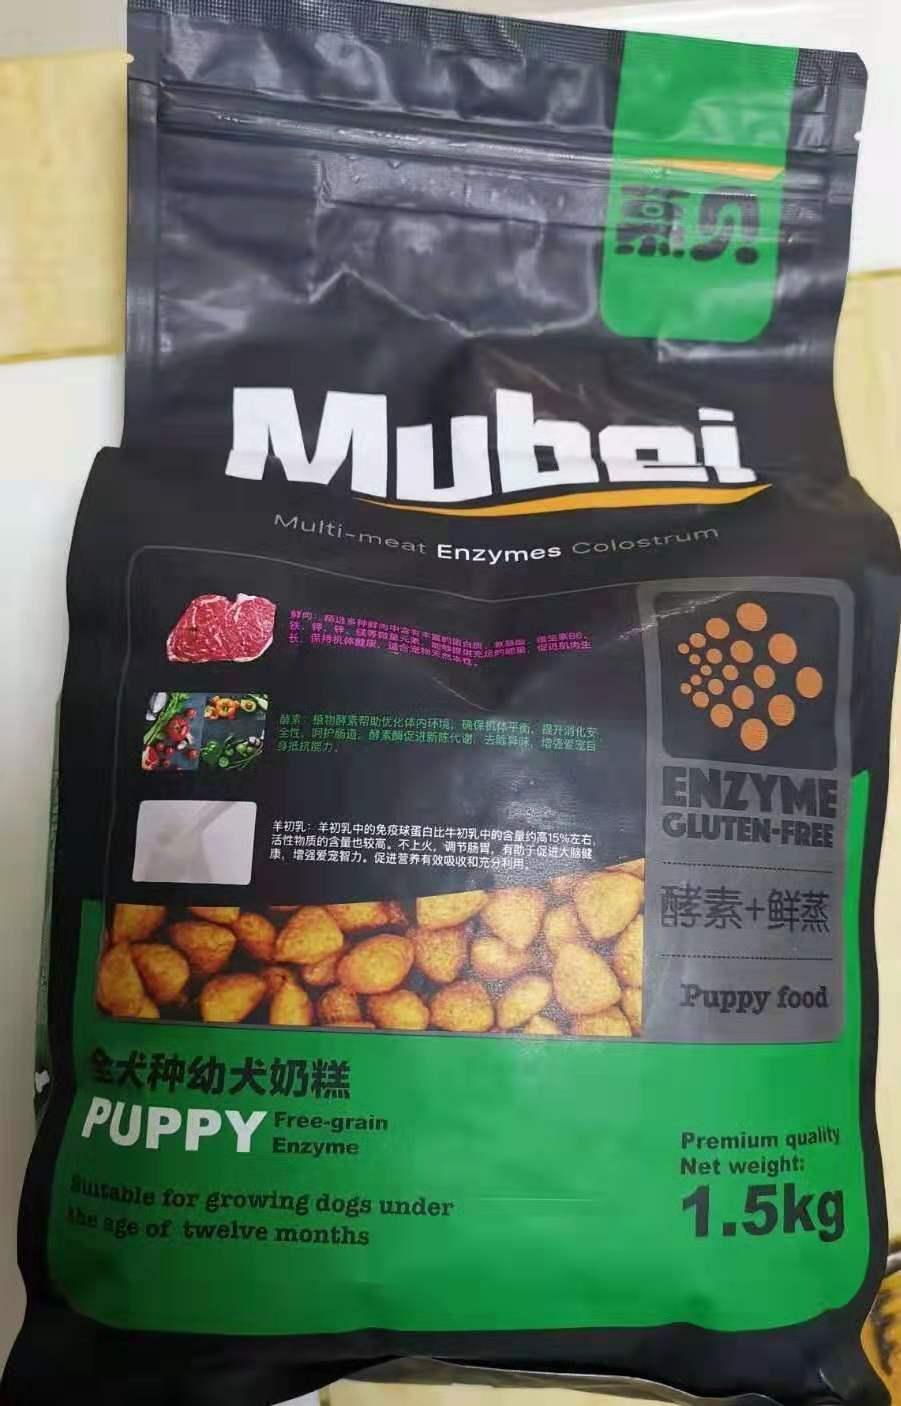 正好赶上家里的狗狗下崽,Mubei慕贝酵素奶糕狗粮到了